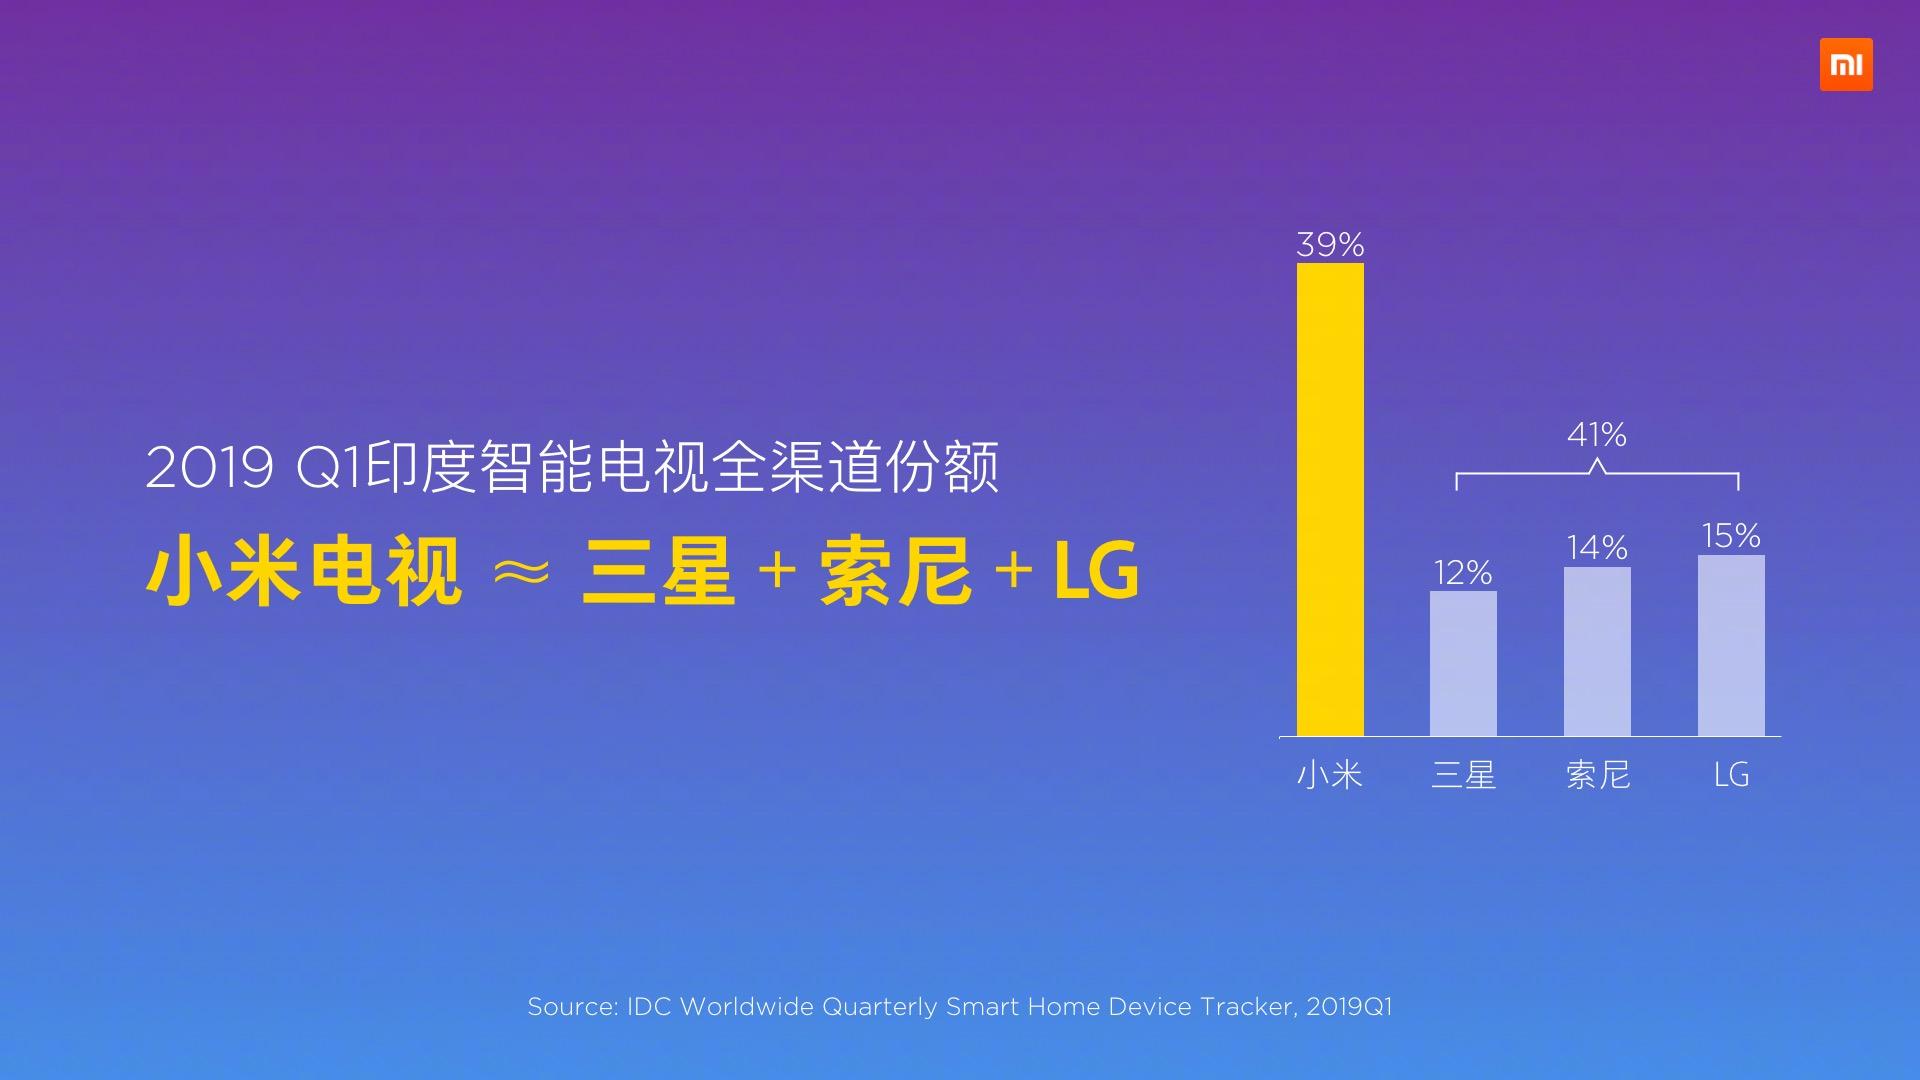 Xiaomi TV ya cuenta con una cuota de mercado del 39% en la India. Noticias Xiaomi Adictos